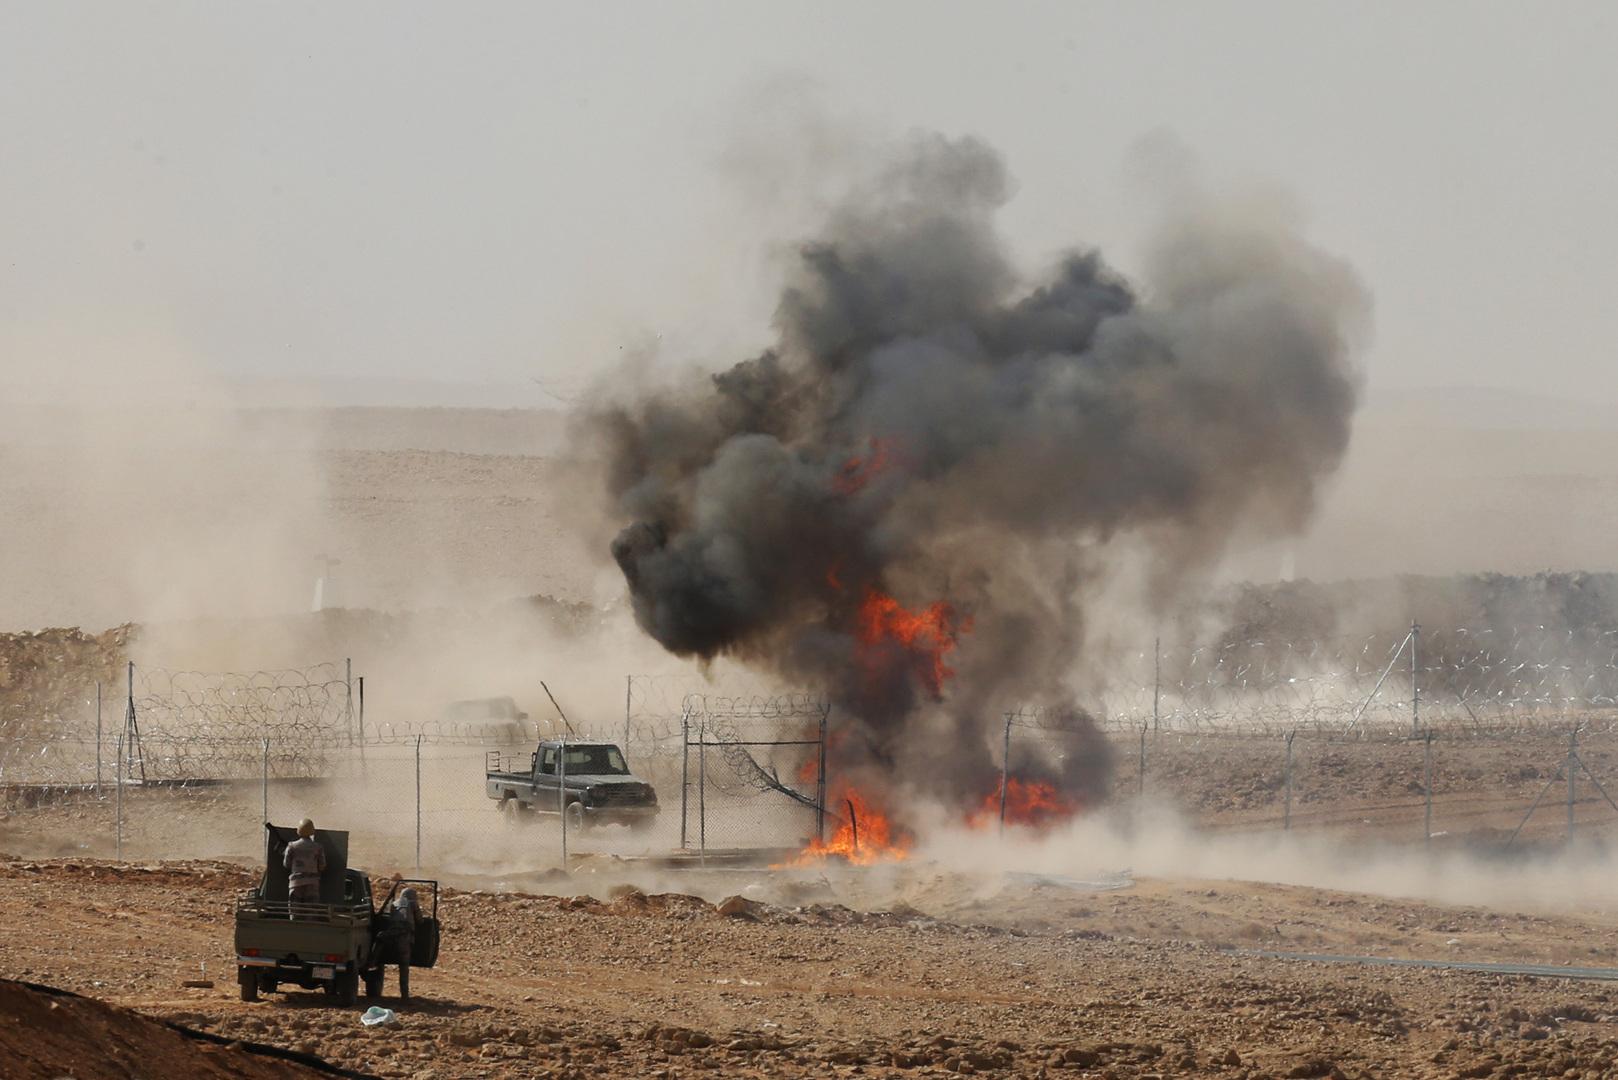 وزارة دفاع السعودية توضح طبيعة انفجار خارج مدينة الخرج